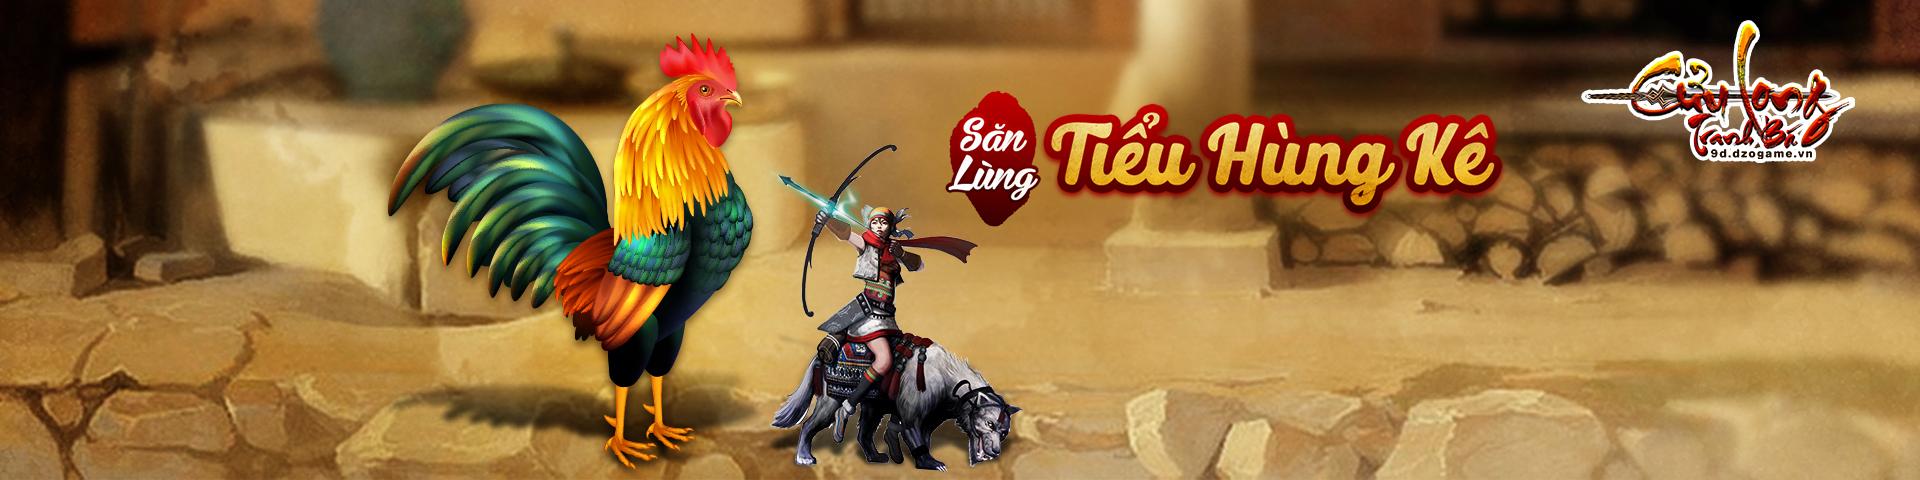 image Săn Lùng Tiểu Hùng Kê